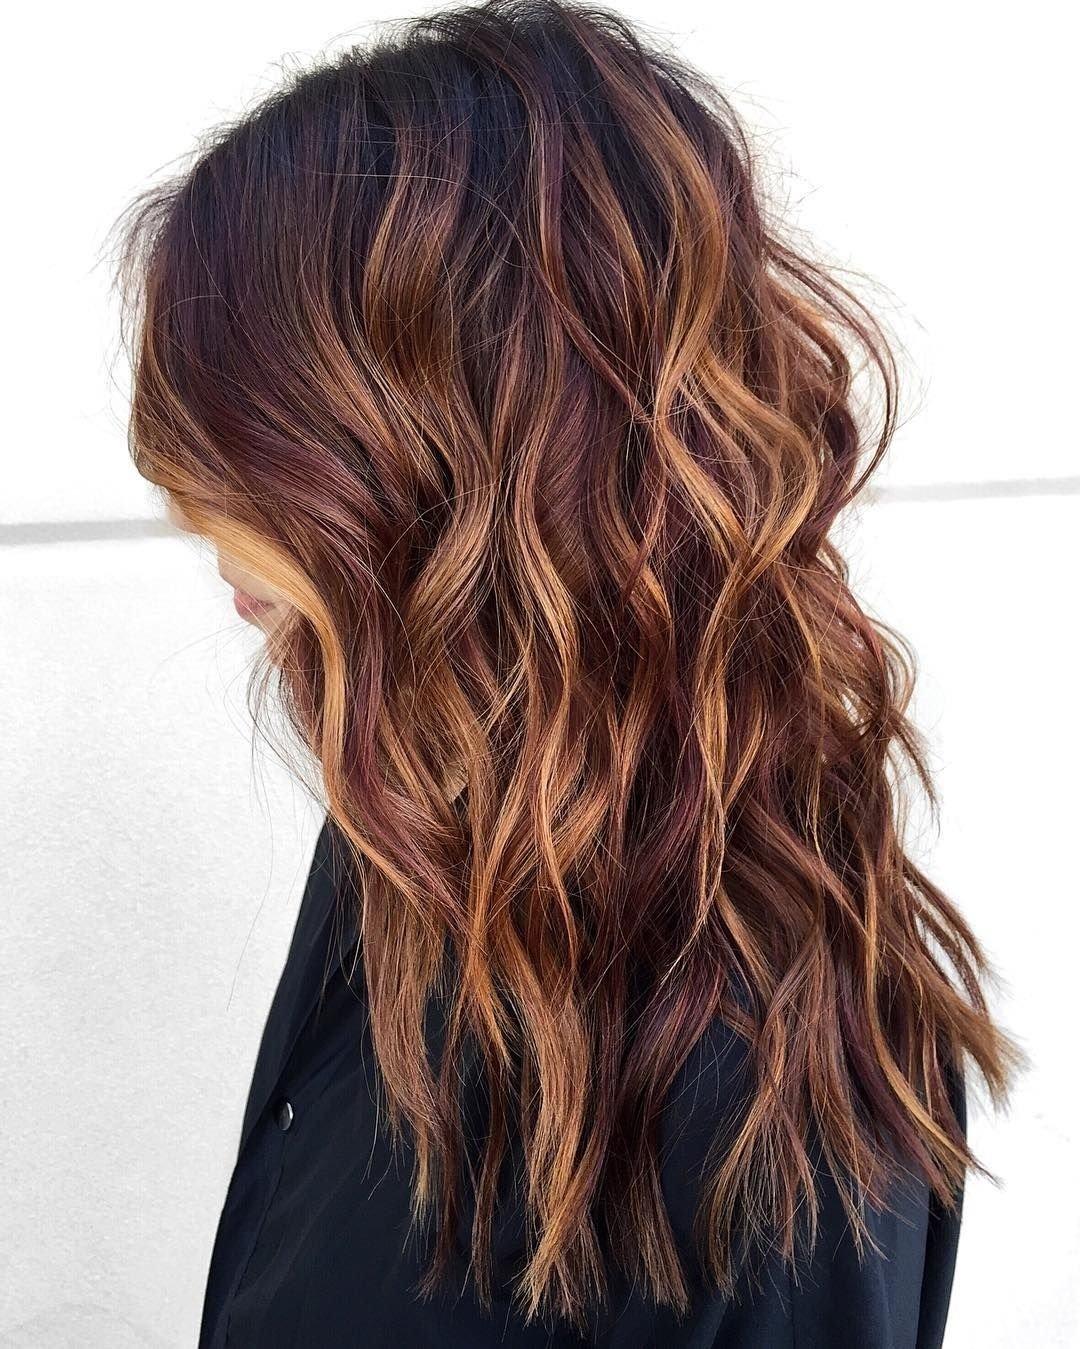 10 Stylish Hair Color Ideas Long Hair 60 brilliant medium brown hair color ideas softest shades to try 5 2020